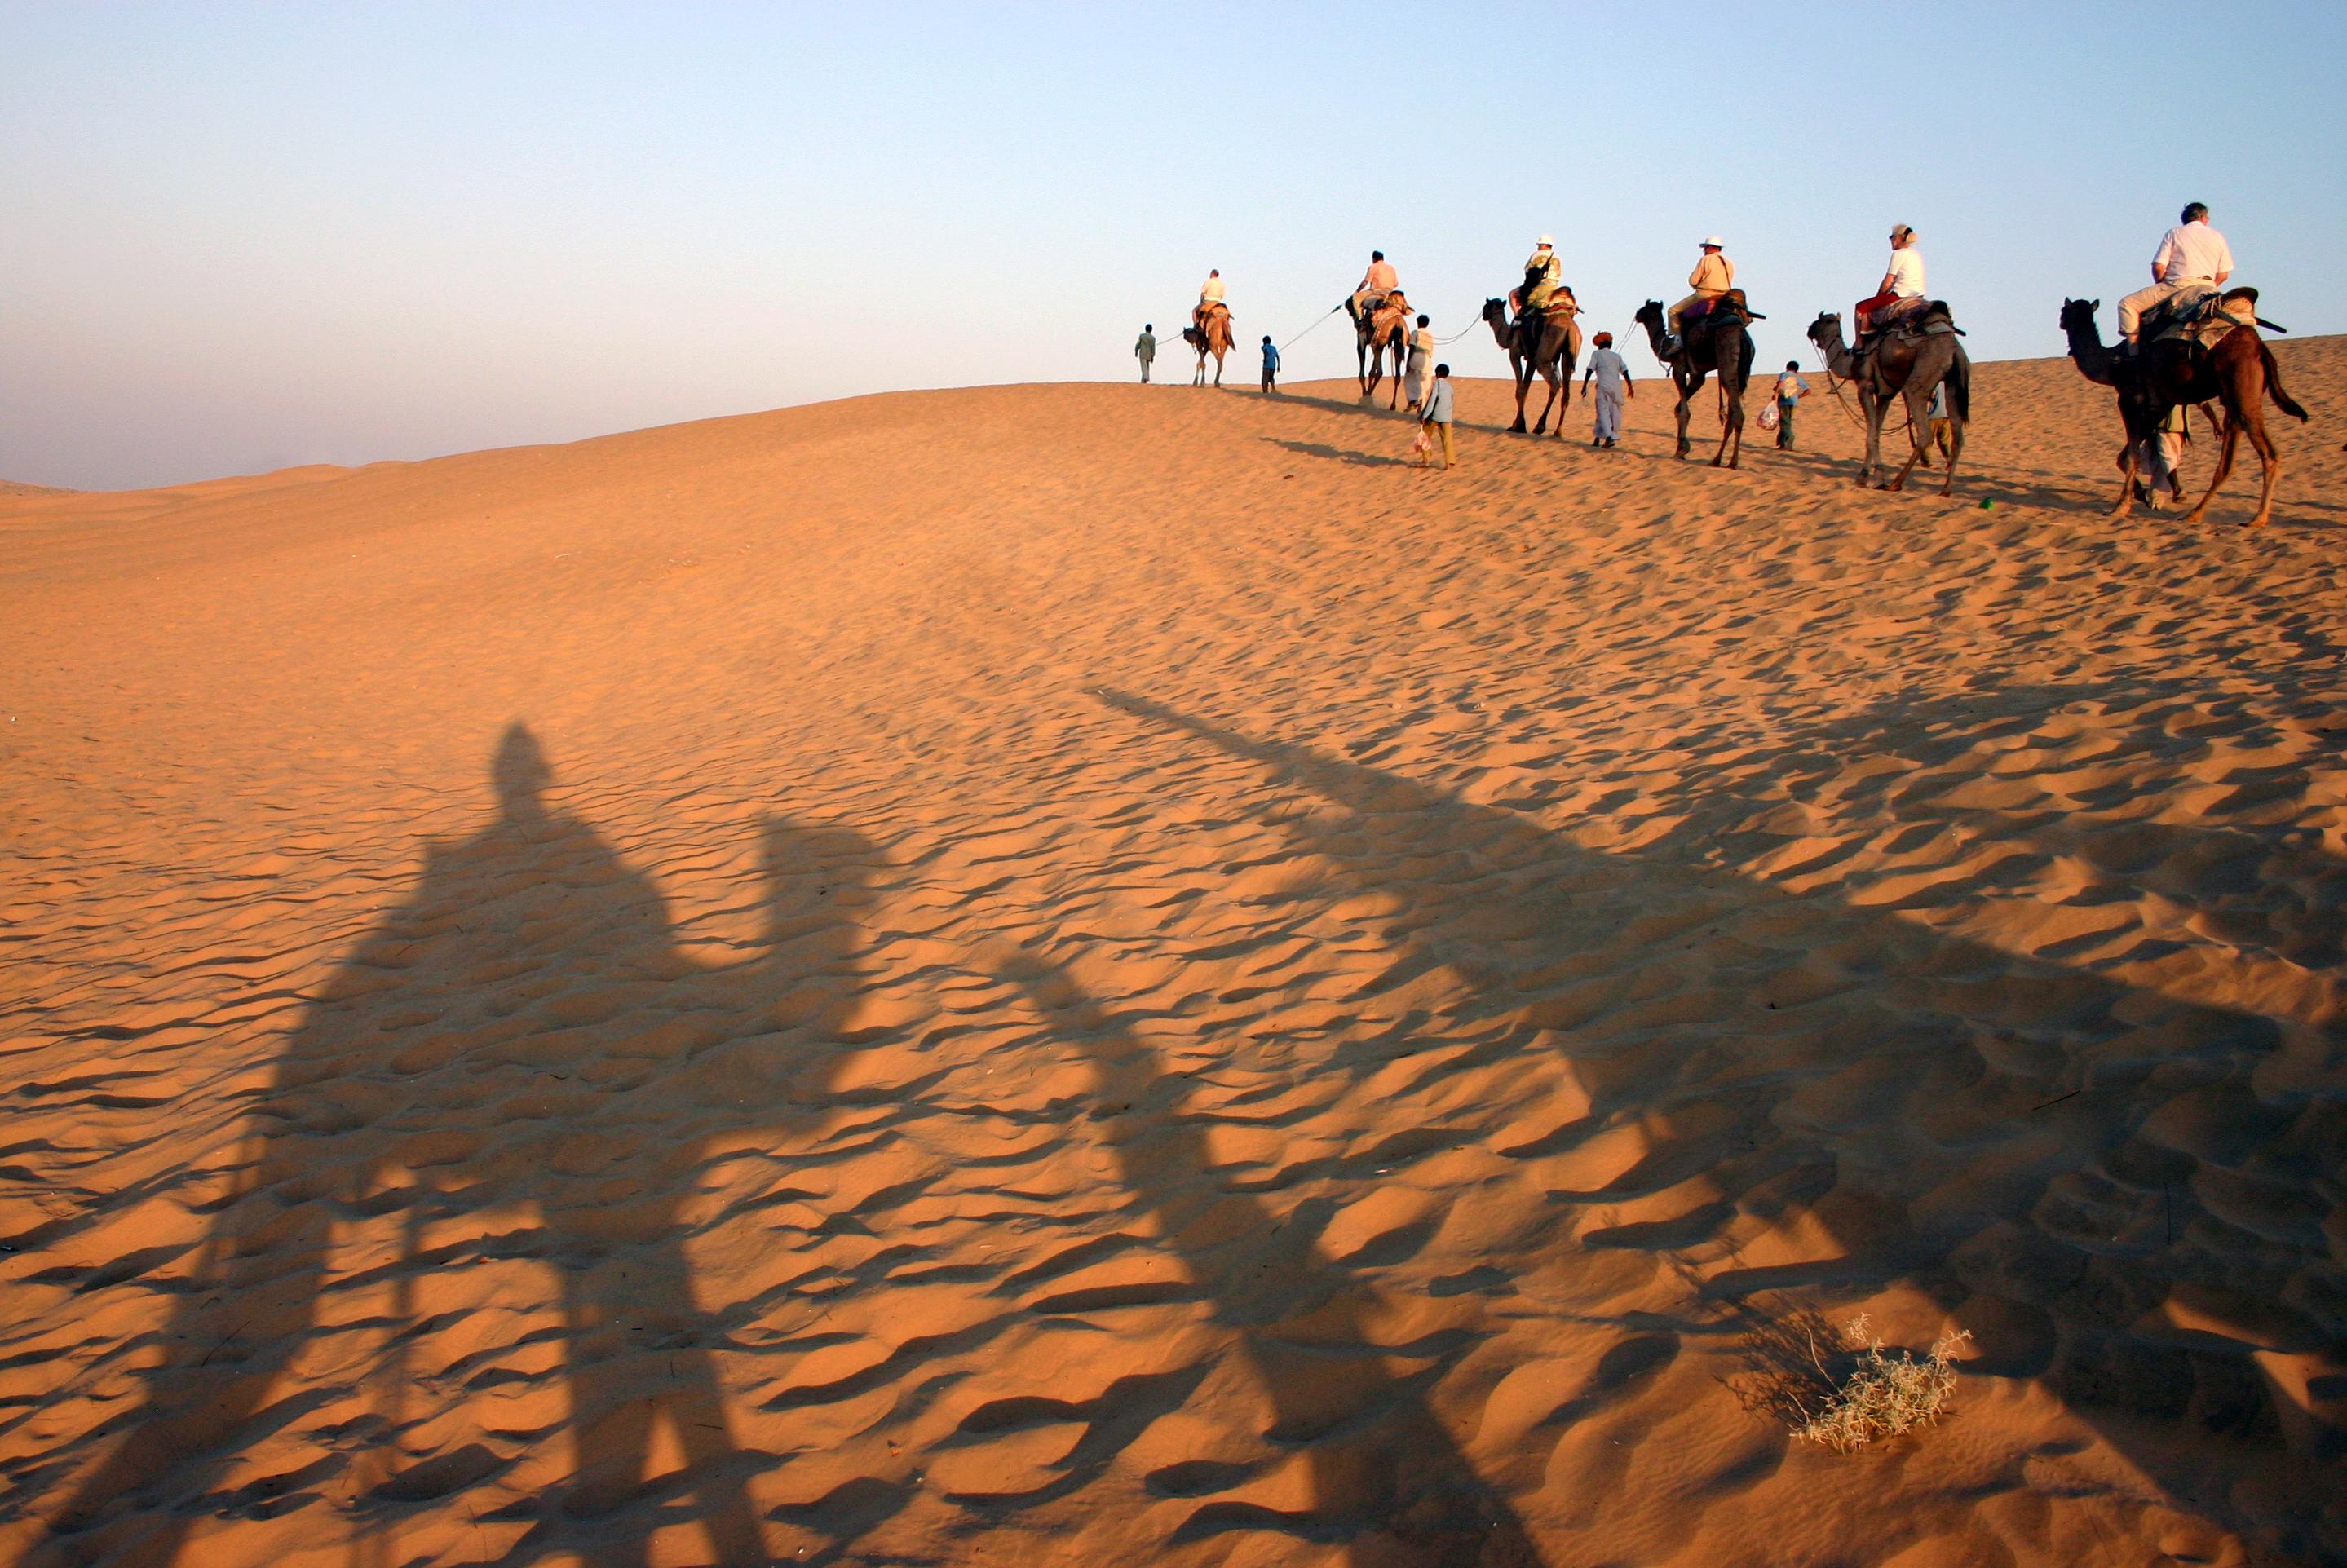 Tharparkar – A Mystique Desert